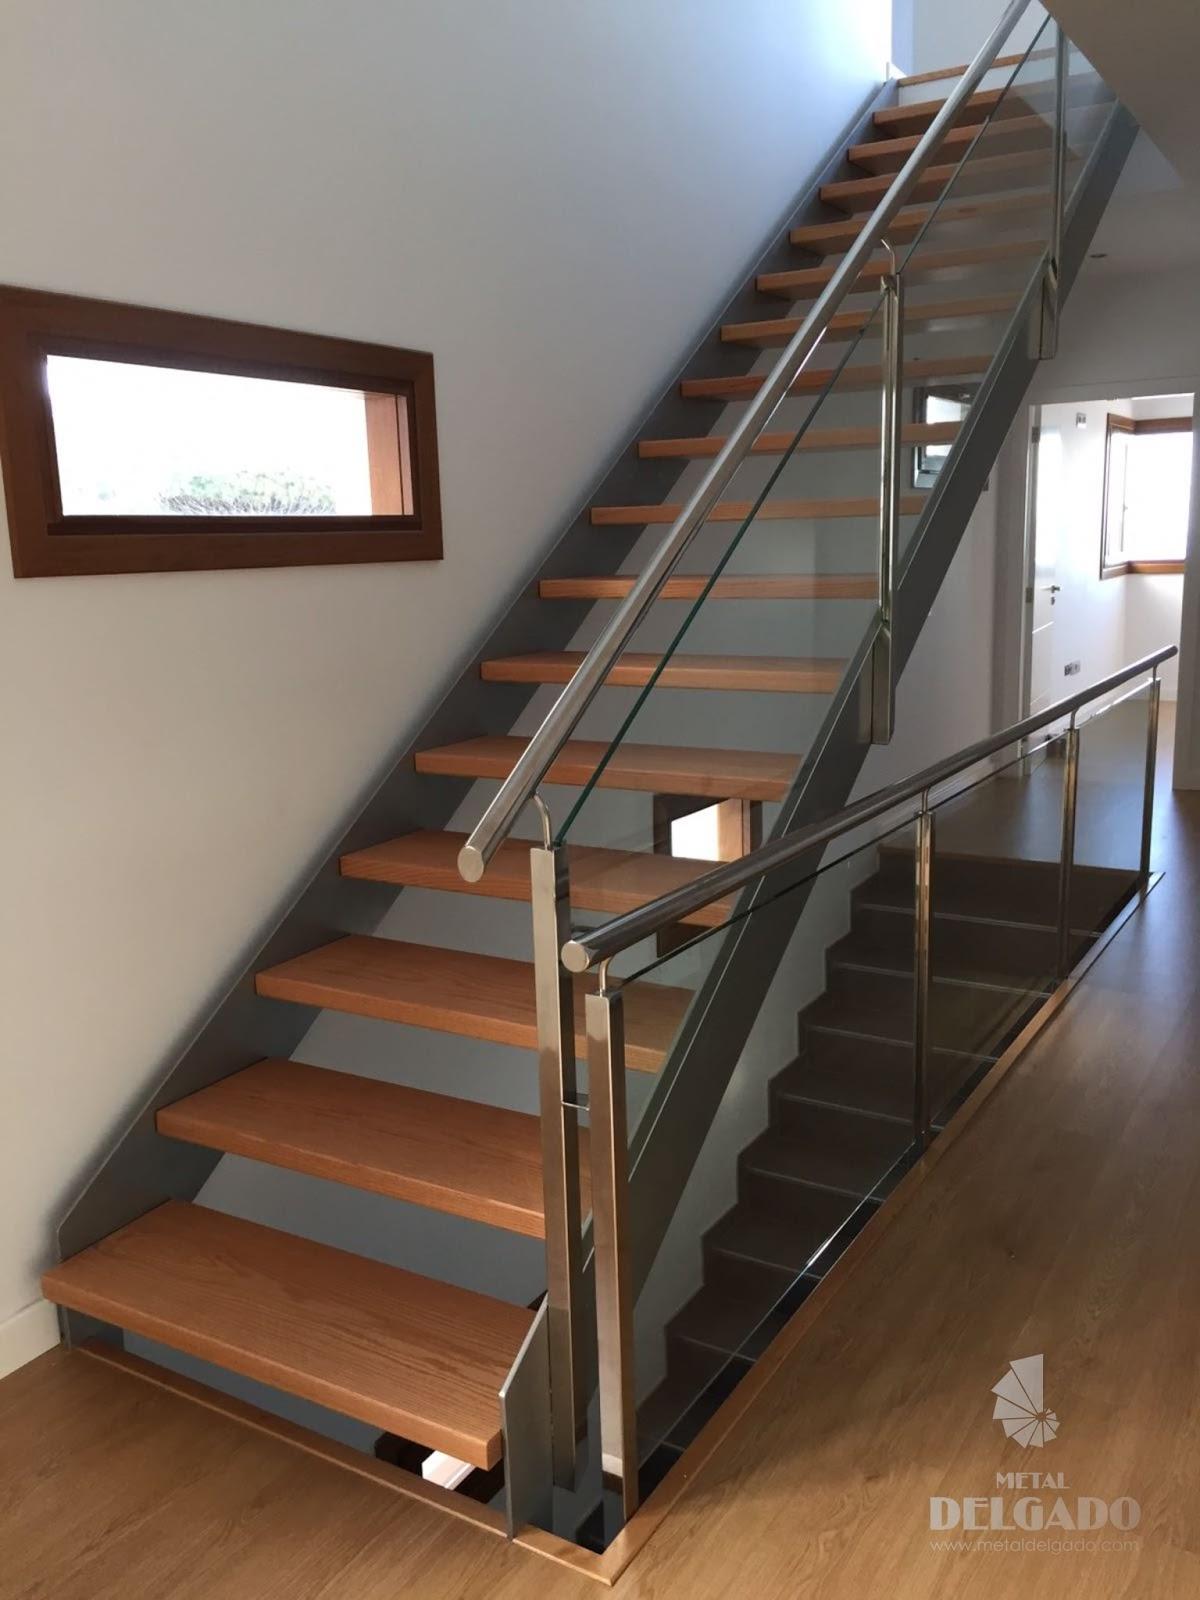 Acero inoxidable tenerife escaleras met licas tenerife - Escaleras de diseno interior ...